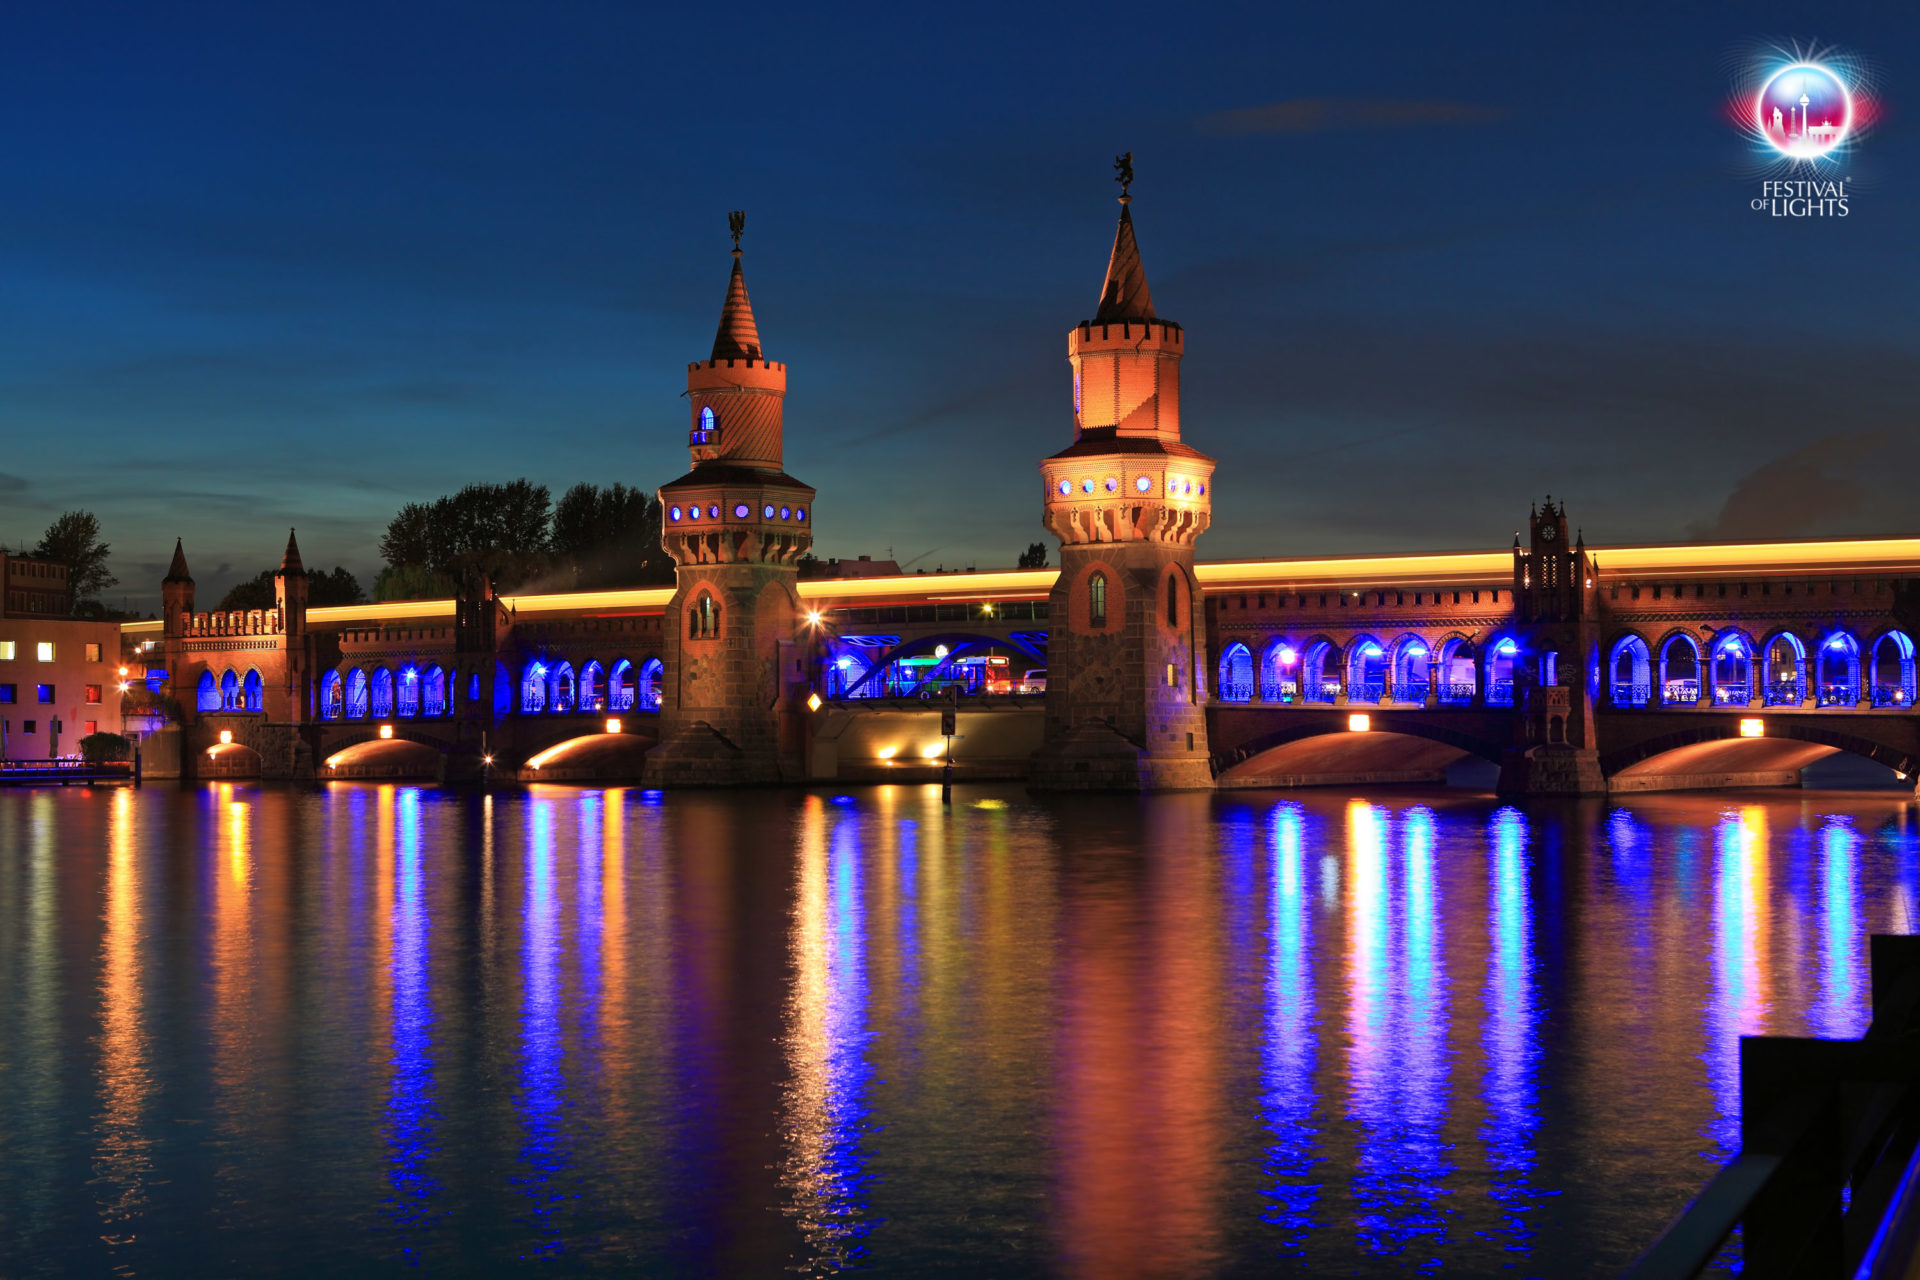 2010 - Oberbaumbrücke